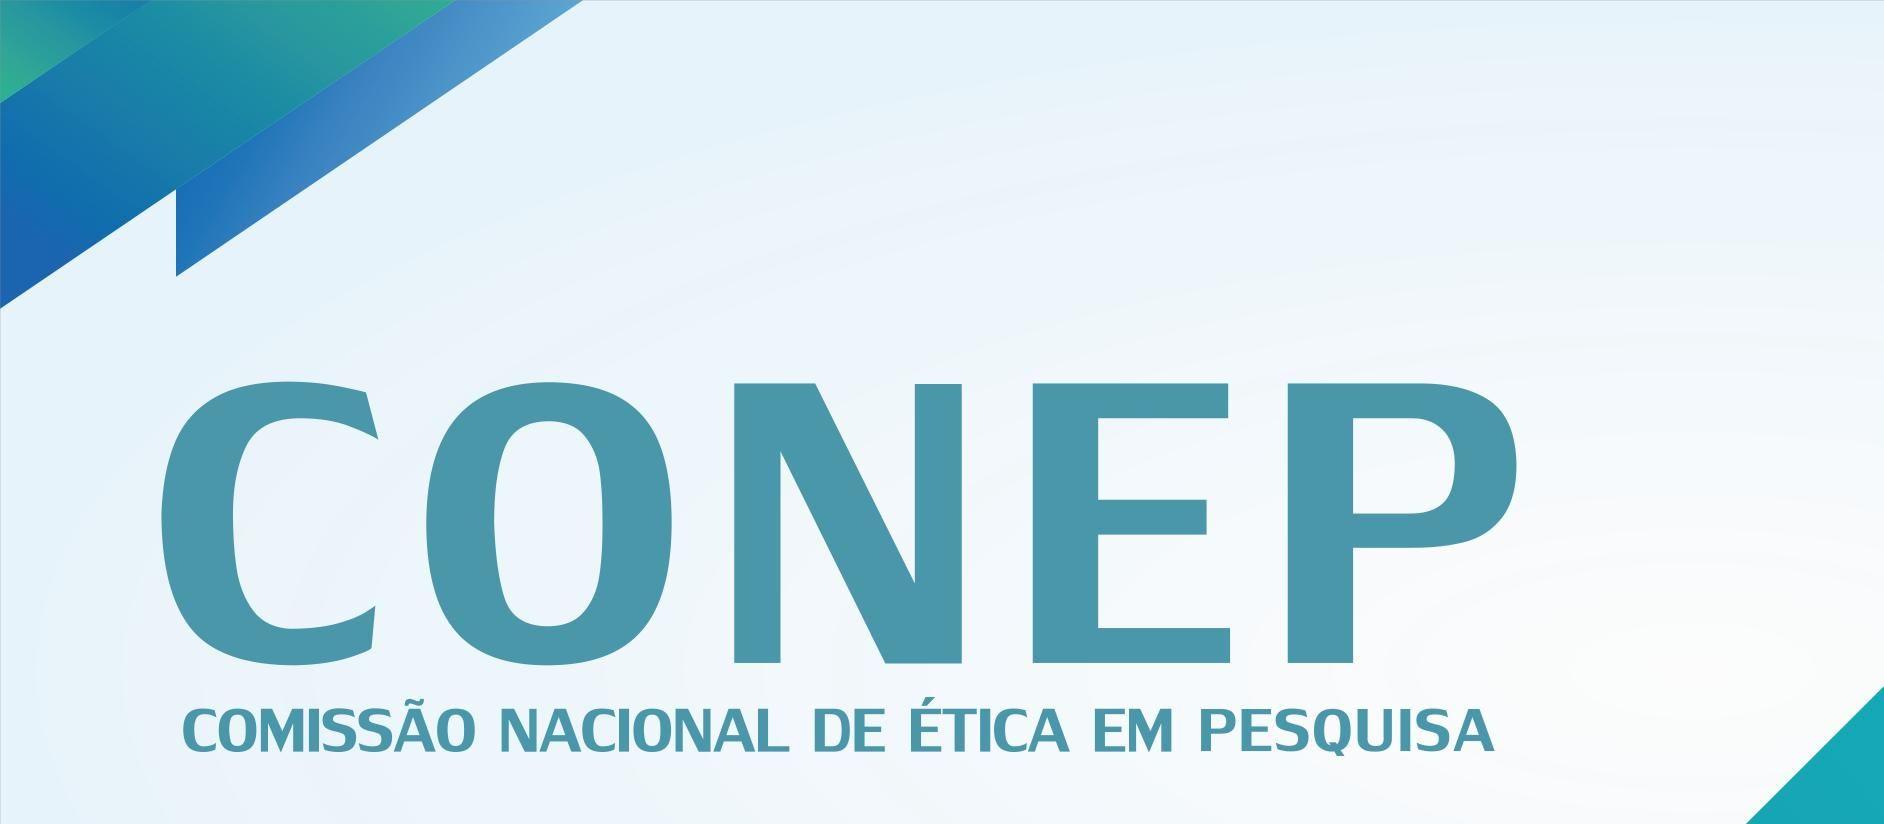 COMISSÃO NACIONAL DE ÉTICA EM PESQUISA